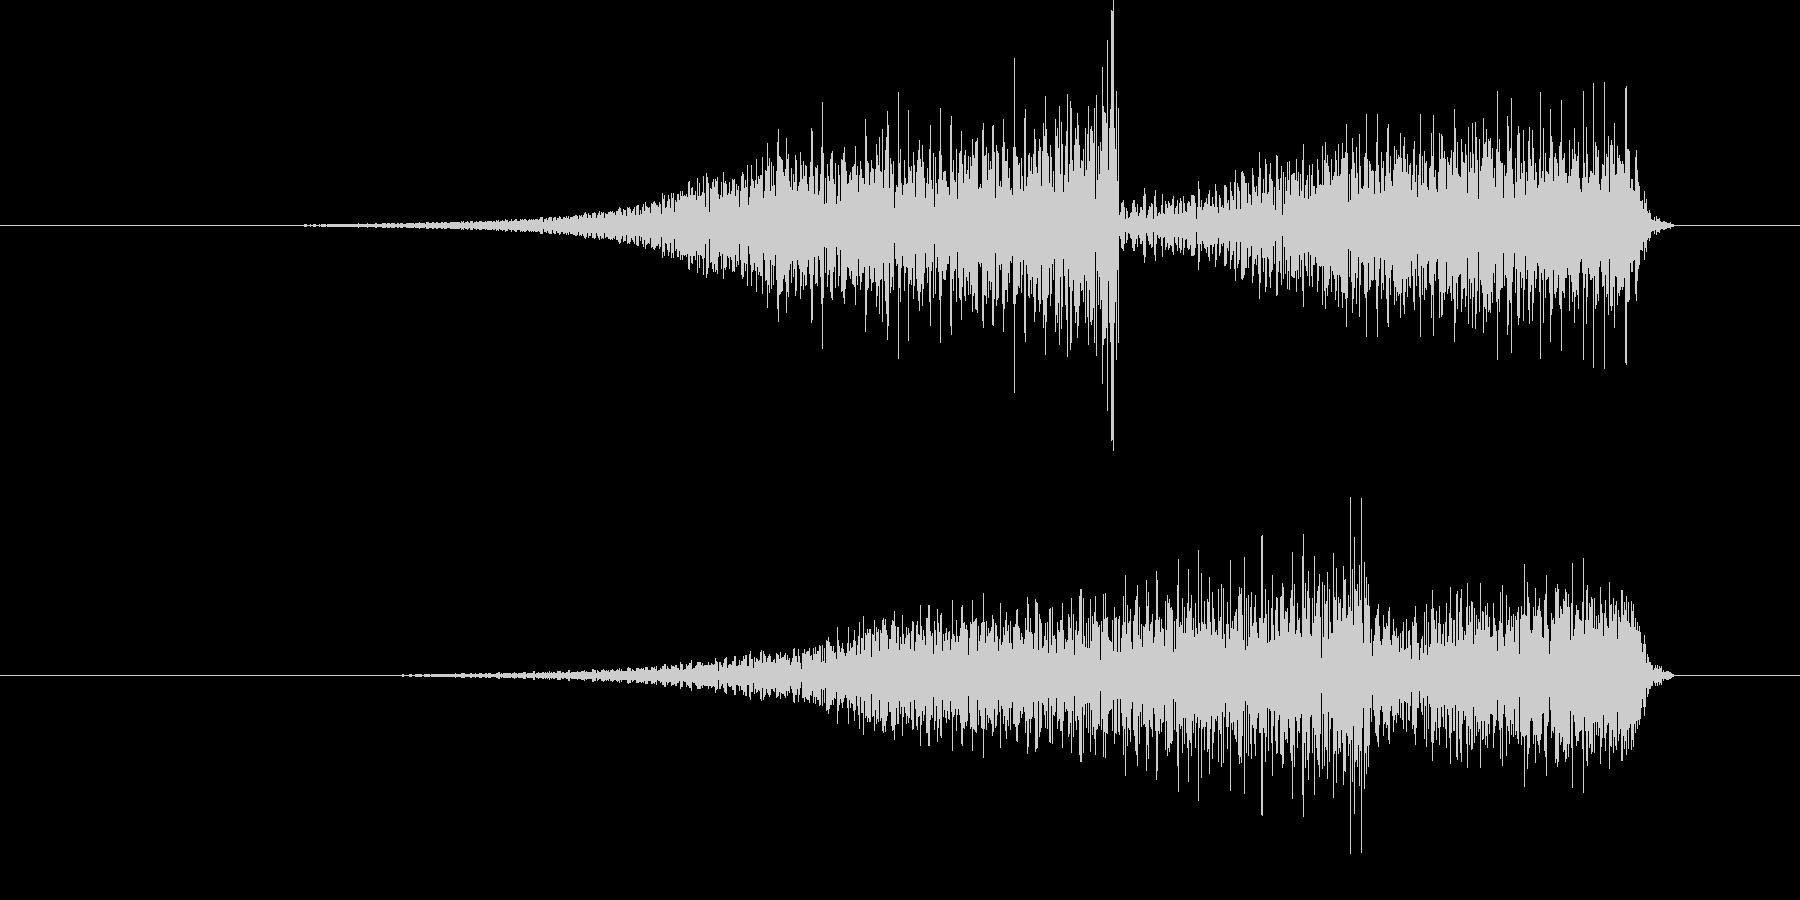 ブワブワッ (怪奇な音)の未再生の波形